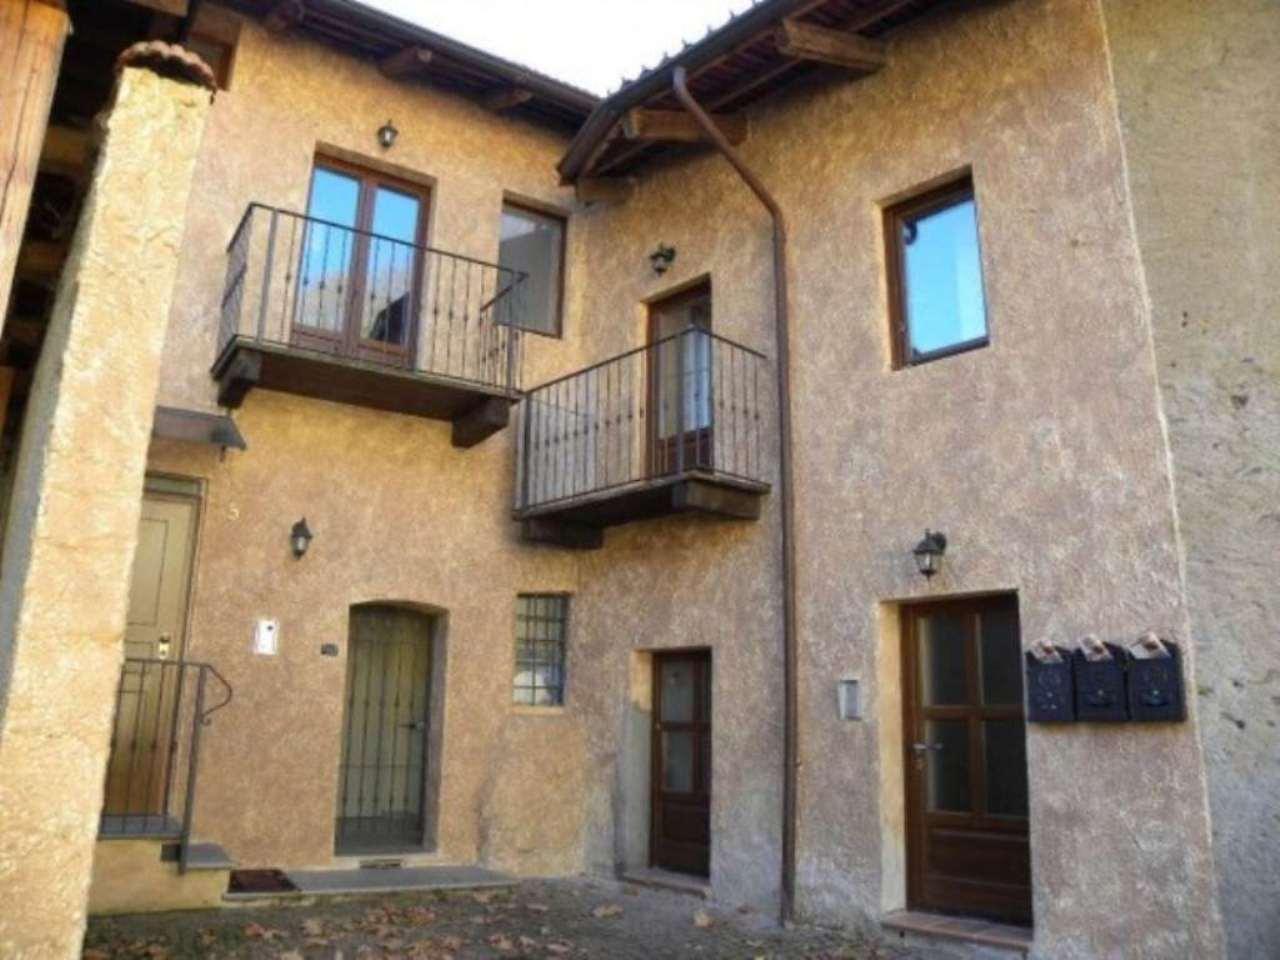 Soluzione Indipendente in vendita a Almese, 9999 locali, prezzo € 50.000 | Cambio Casa.it